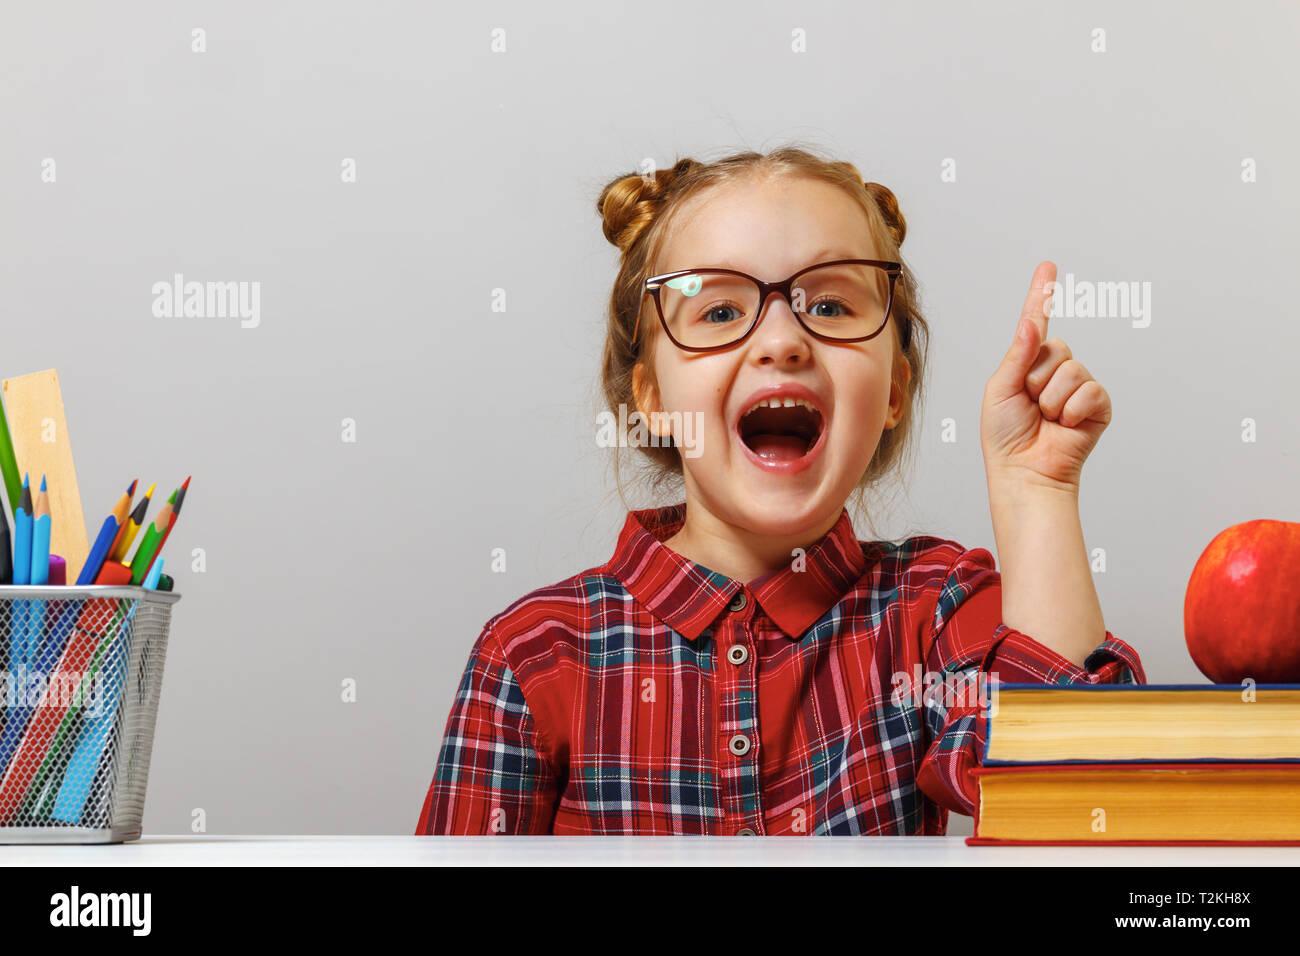 Lustige kleine Vorschule Mädchen in der Brille sitzt am Tisch mit Büchern und Punkte Finger nach oben. Der Begriff der Bildung. Grauer Hintergrund. Stockfoto